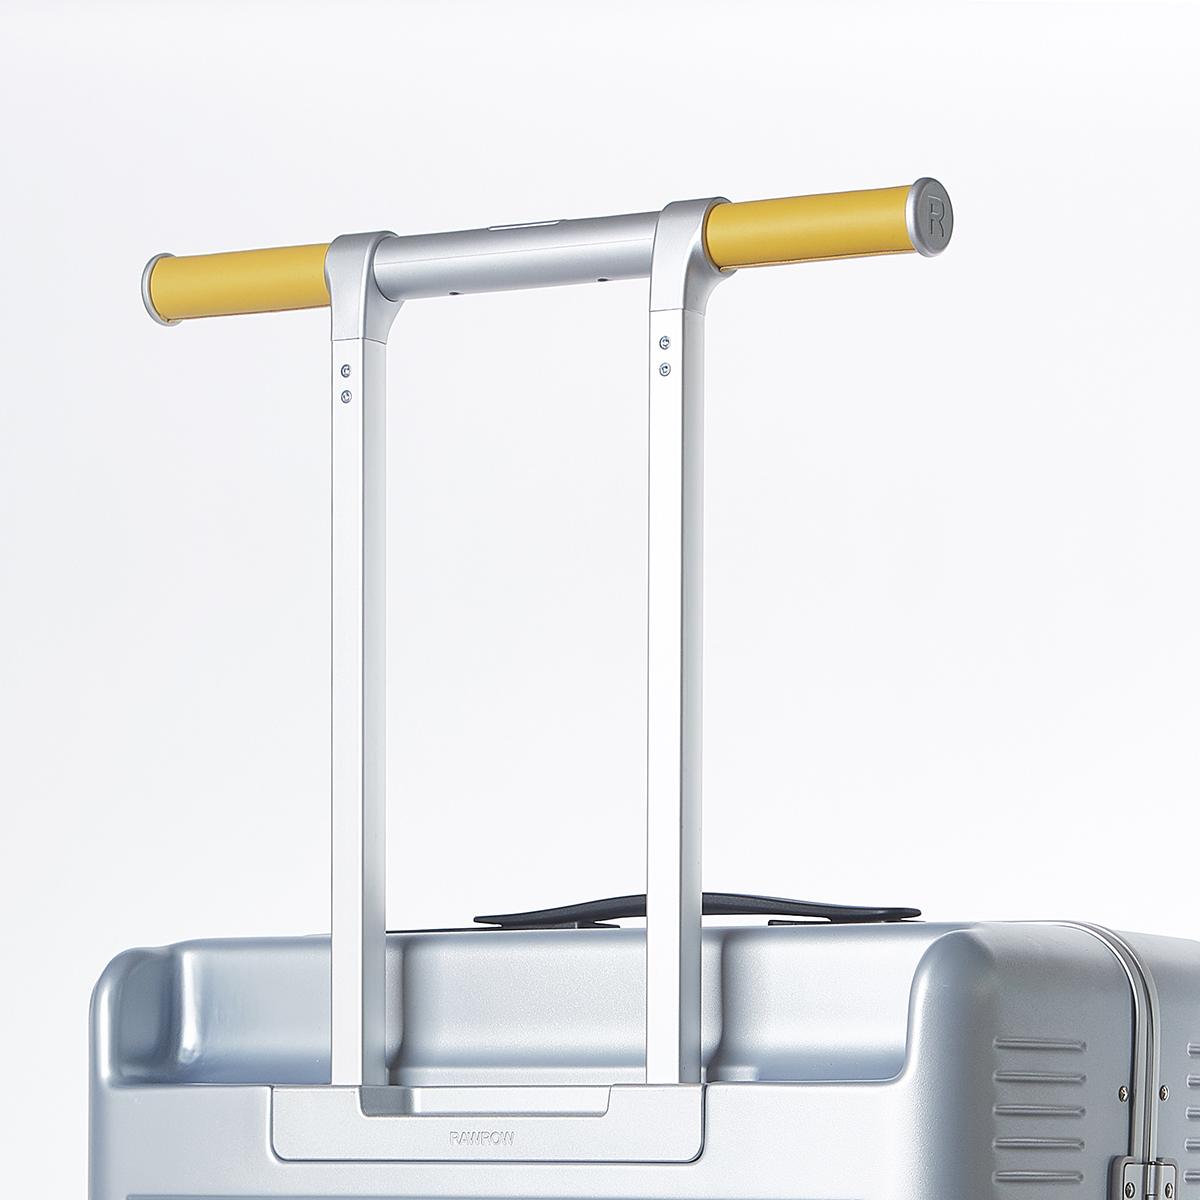 ファッション性だけではなく、空港の荷物引き取りターンテーブルで目印にもなるスーツケース|RAWROW